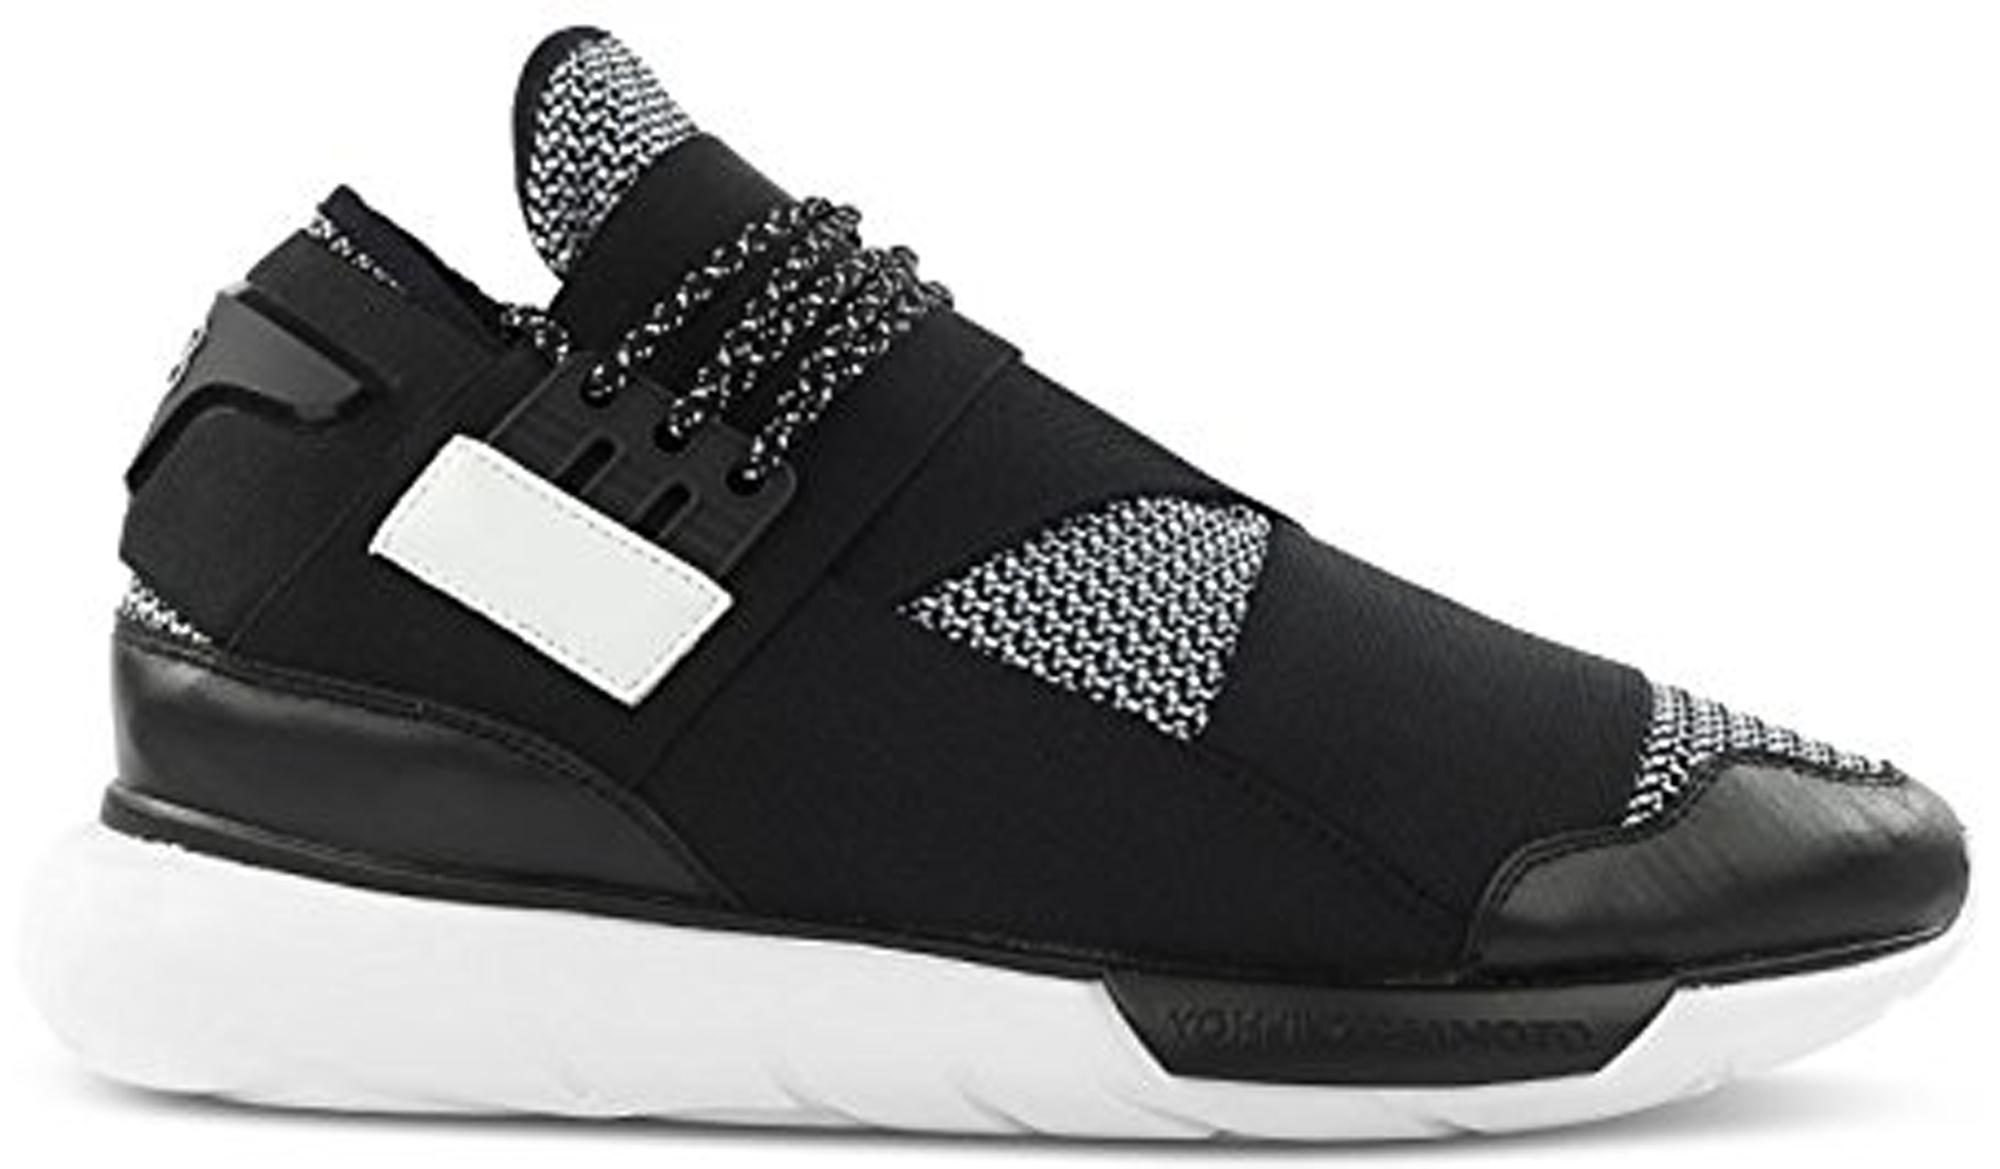 adidas Y-3 Qasa High Black White (2014